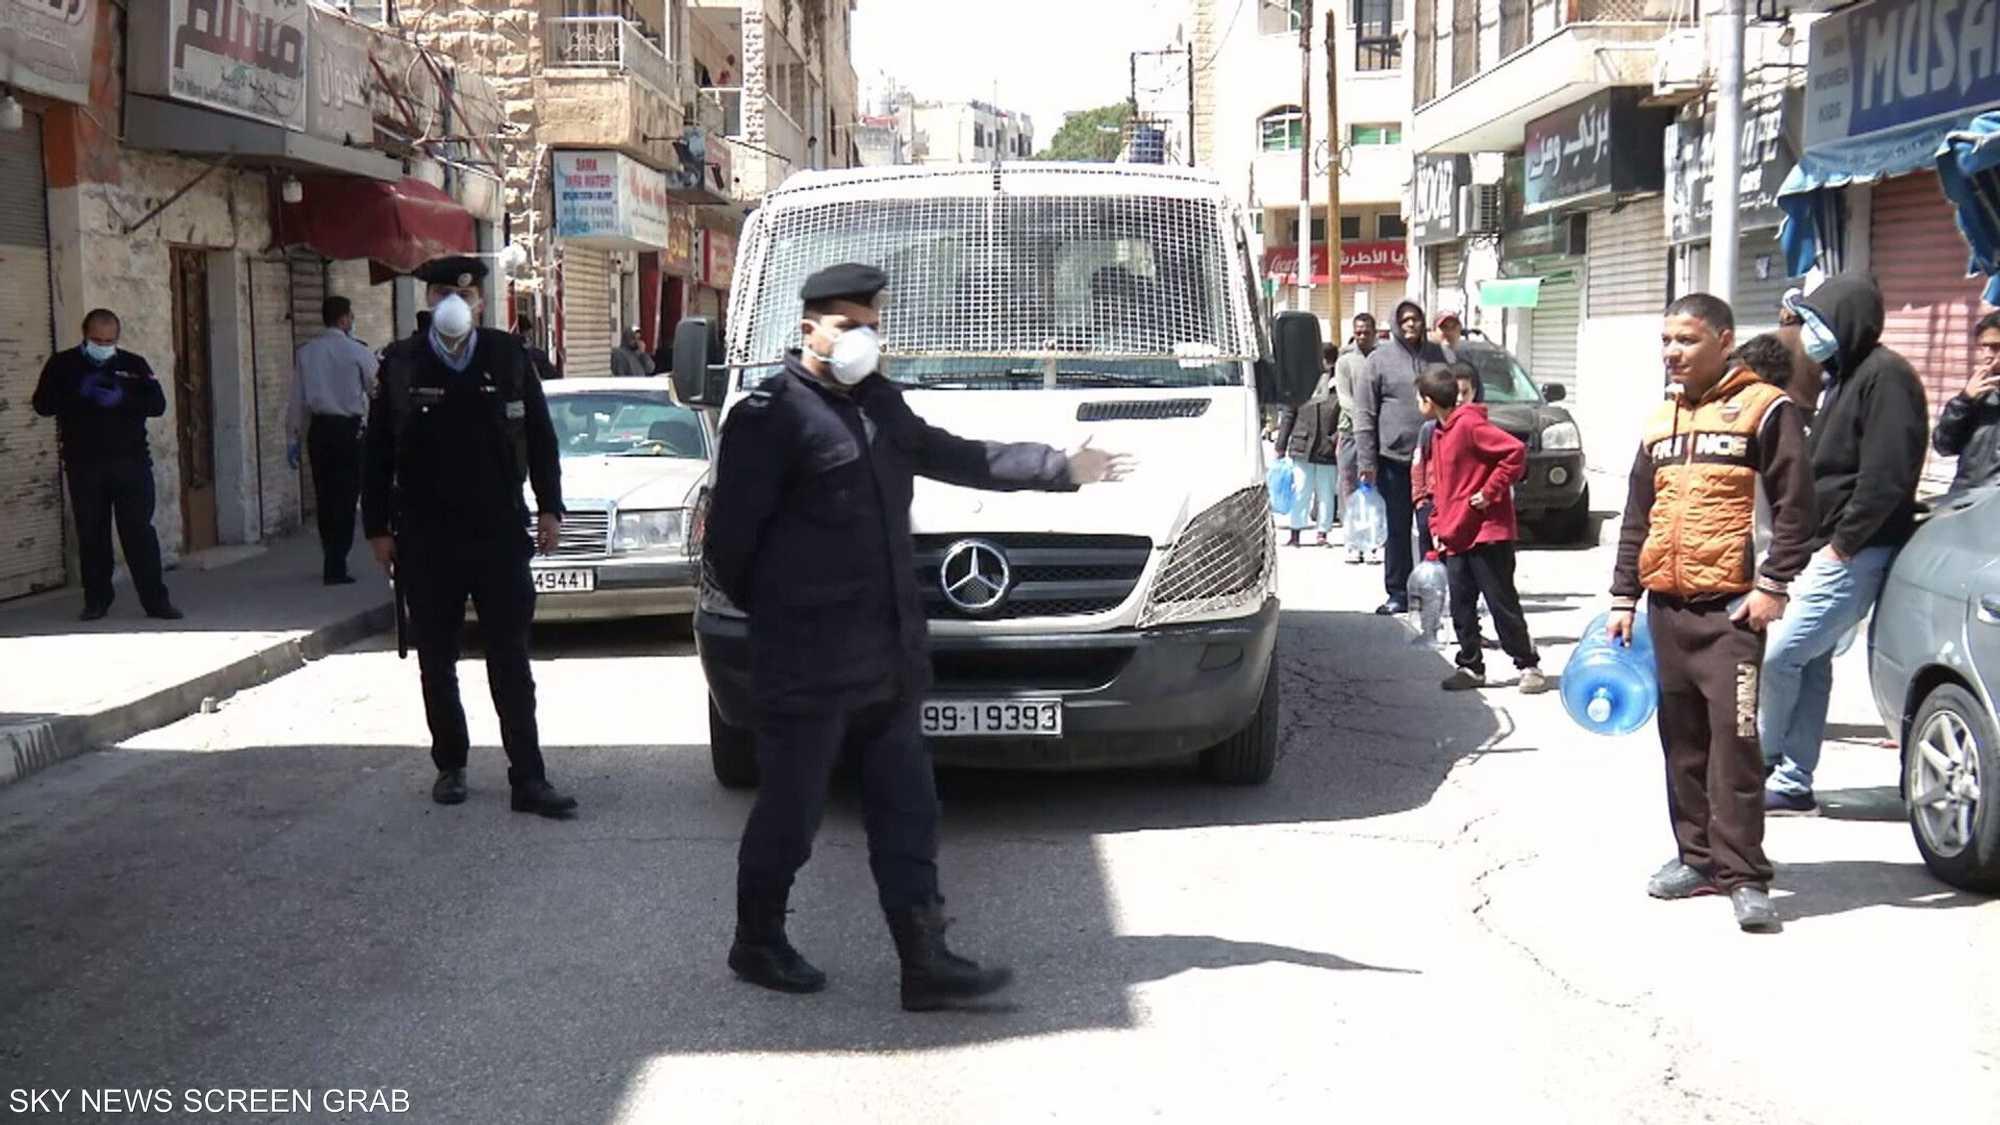 غلق أماكن التسوق في الأردن باستثناء عدد قليل منها